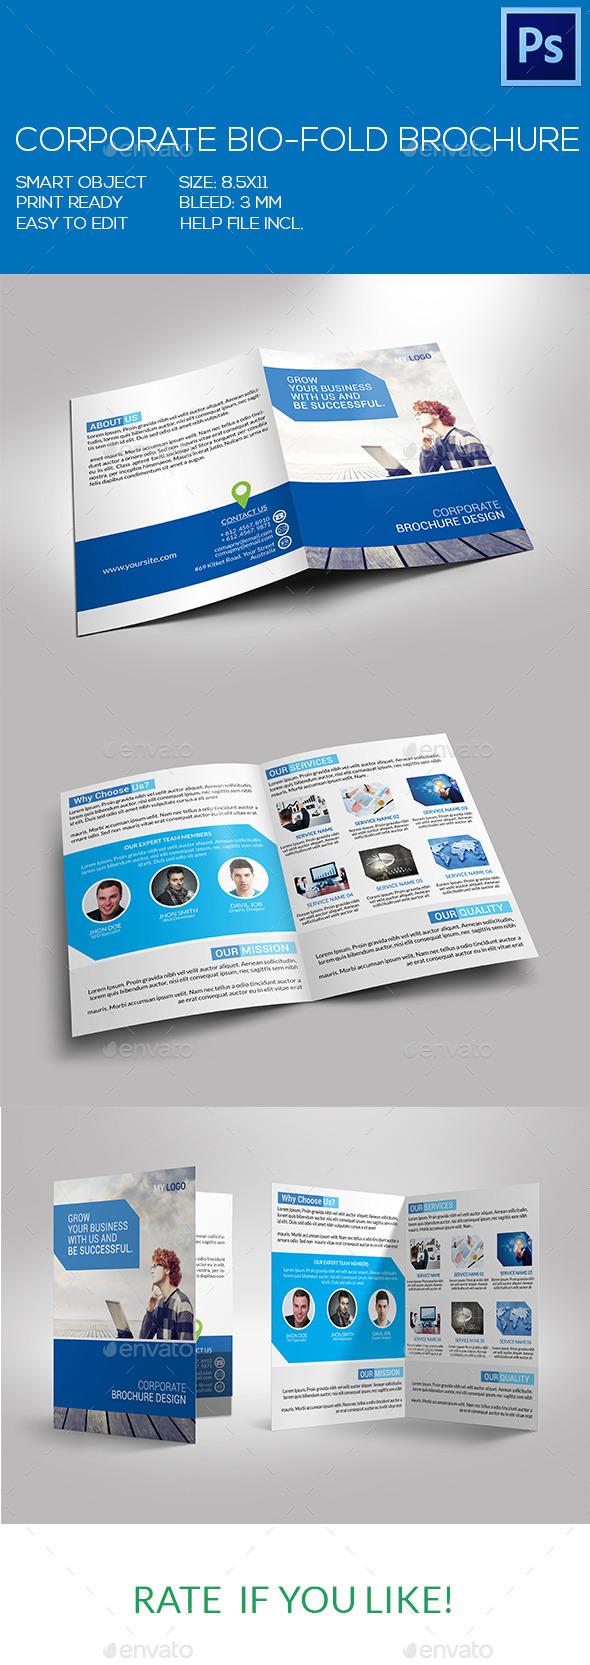 GraphicRiver Corporate Bio-Fold Brochure 9370824